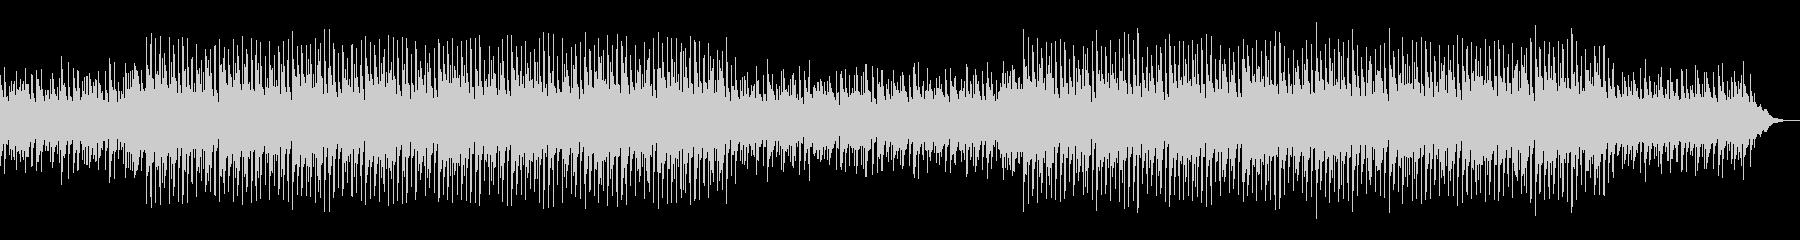 コーポレートミュージック5の未再生の波形